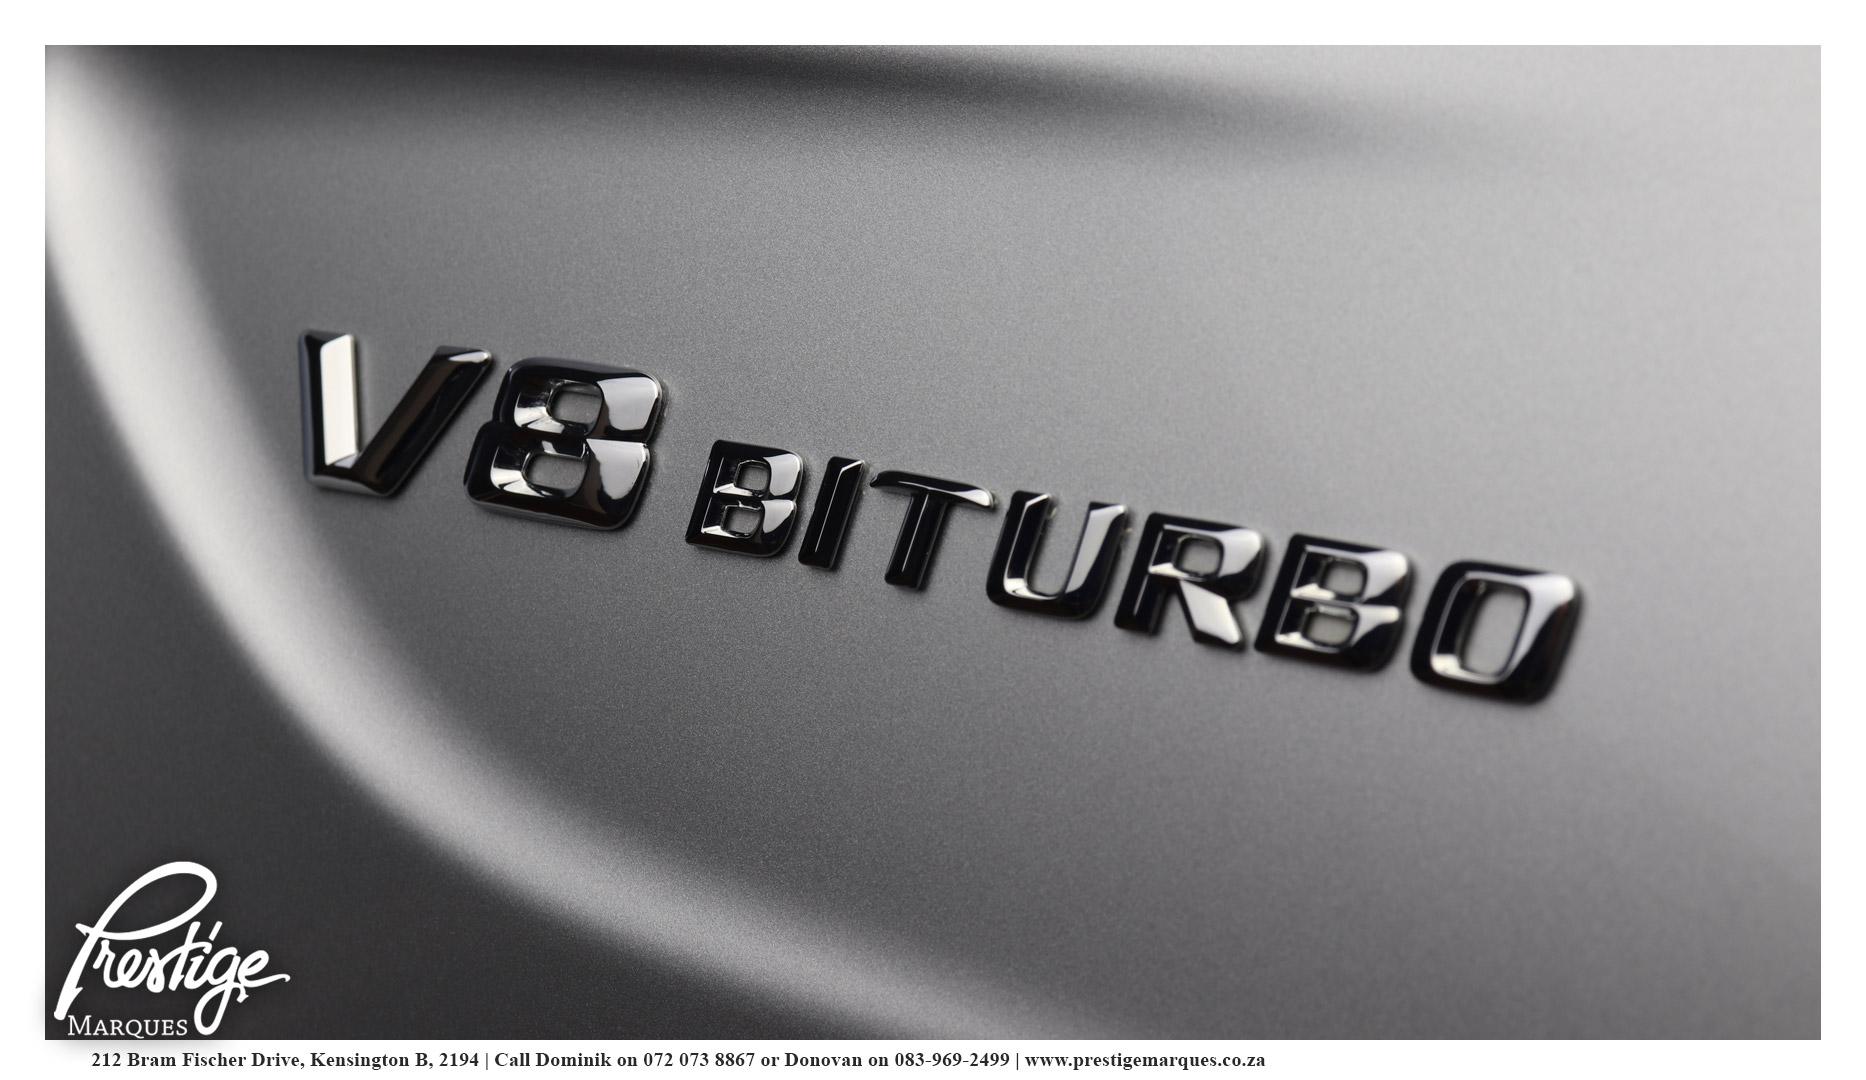 Mercedes-Benz-C63s-AMG-Prestige-Marques-11